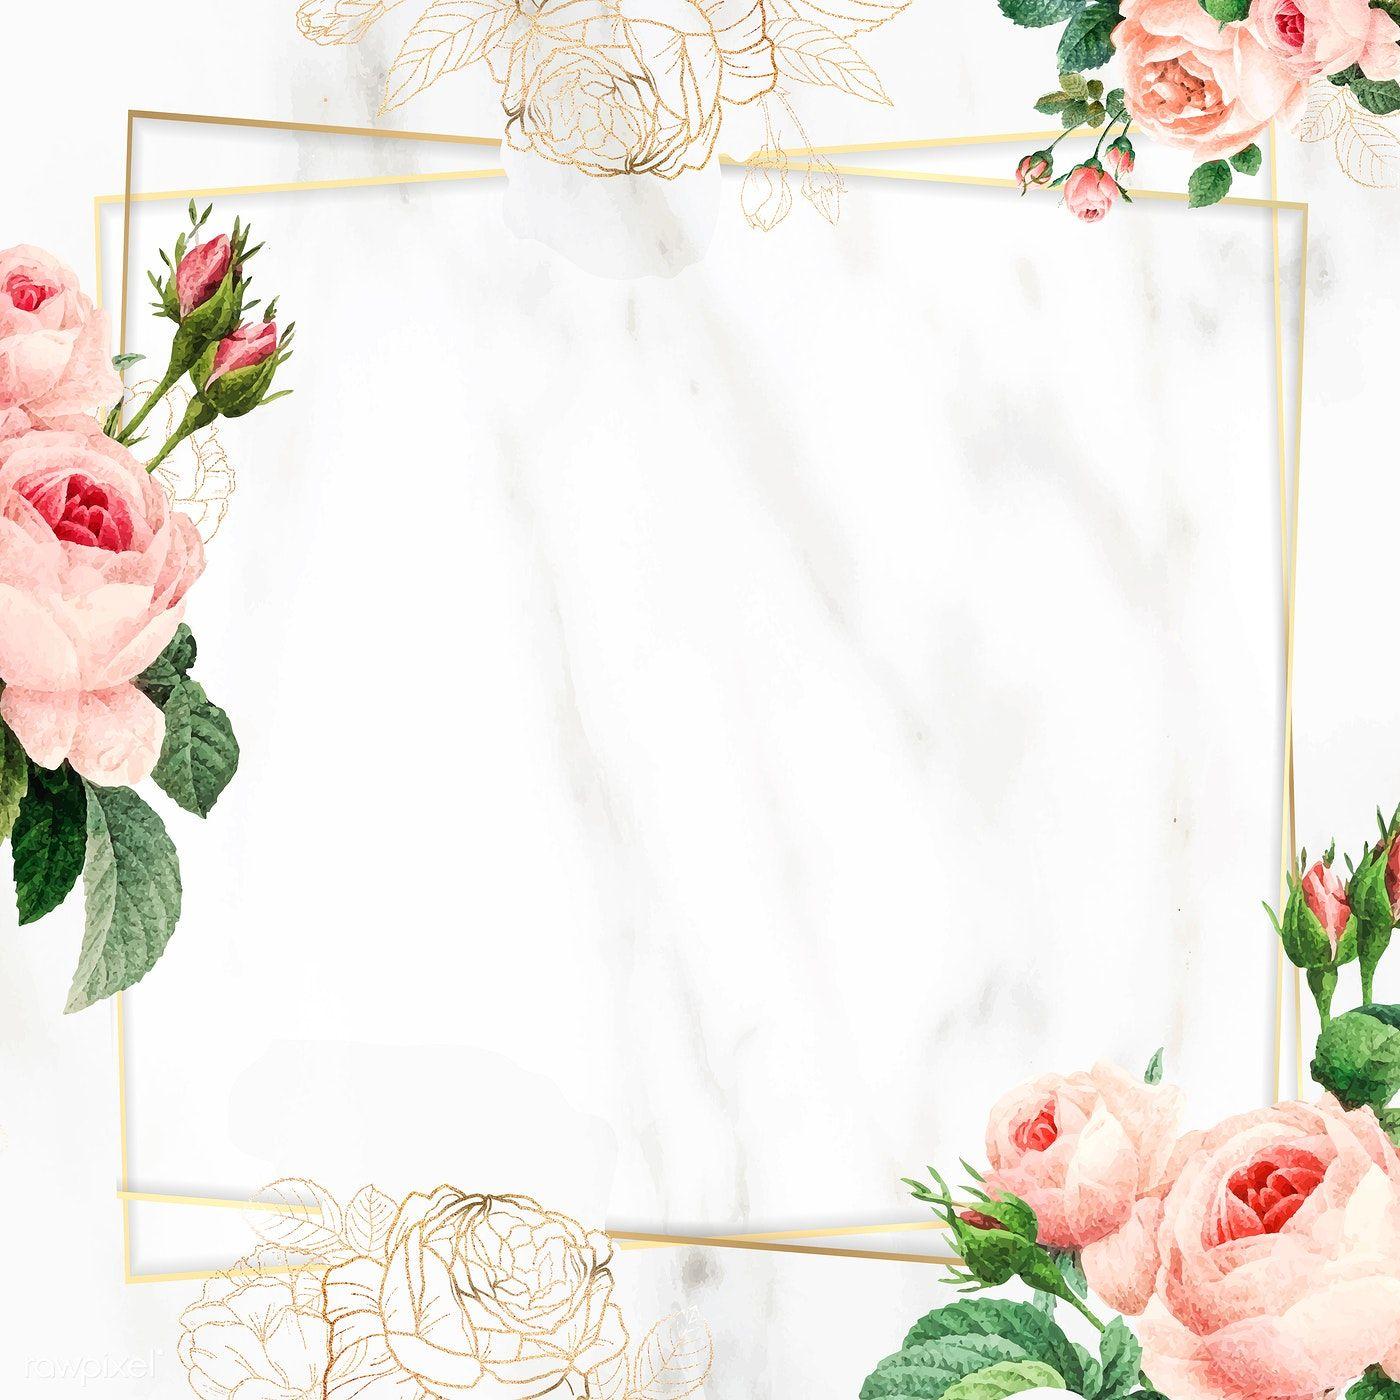 Download Premium Vector Of Blank Golden Square Frame Vector 1216095 Flower Background Wallpaper Square Frames Floral Wreaths Illustration